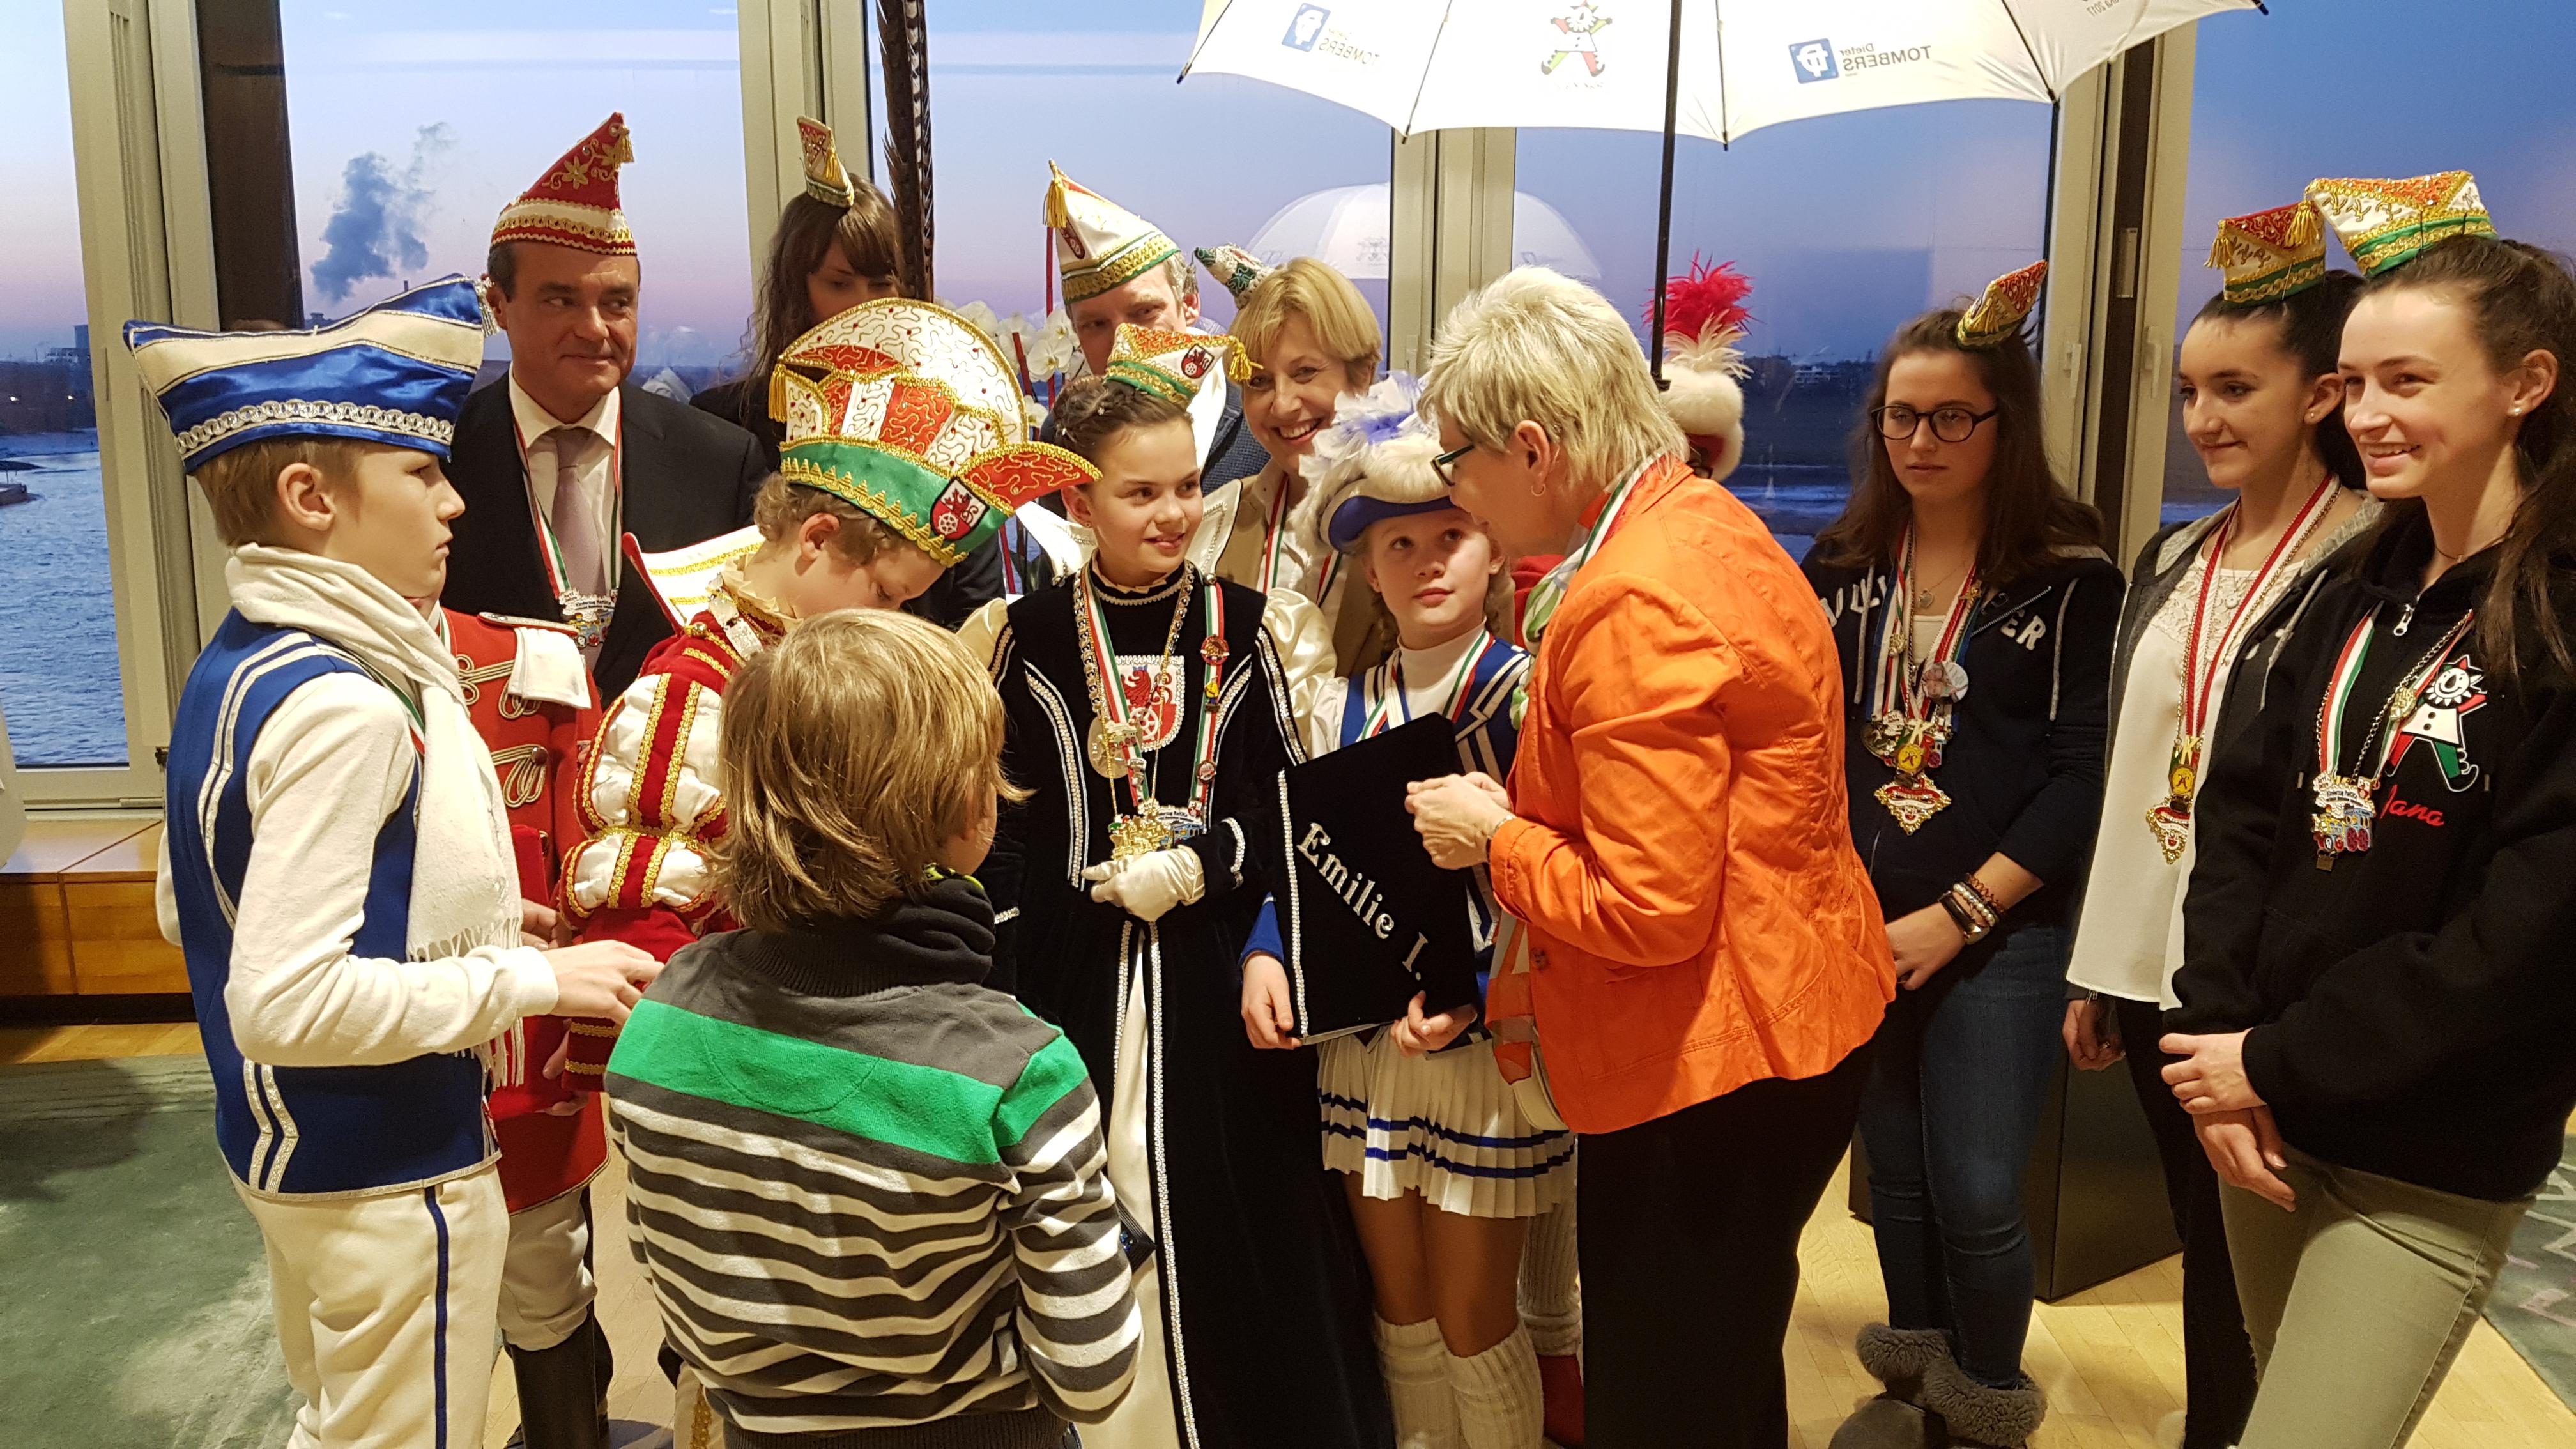 Prinzessin Emilie I. und Lennart I. beim Empfang durch Landtagspräsidentin Carina Gödecke